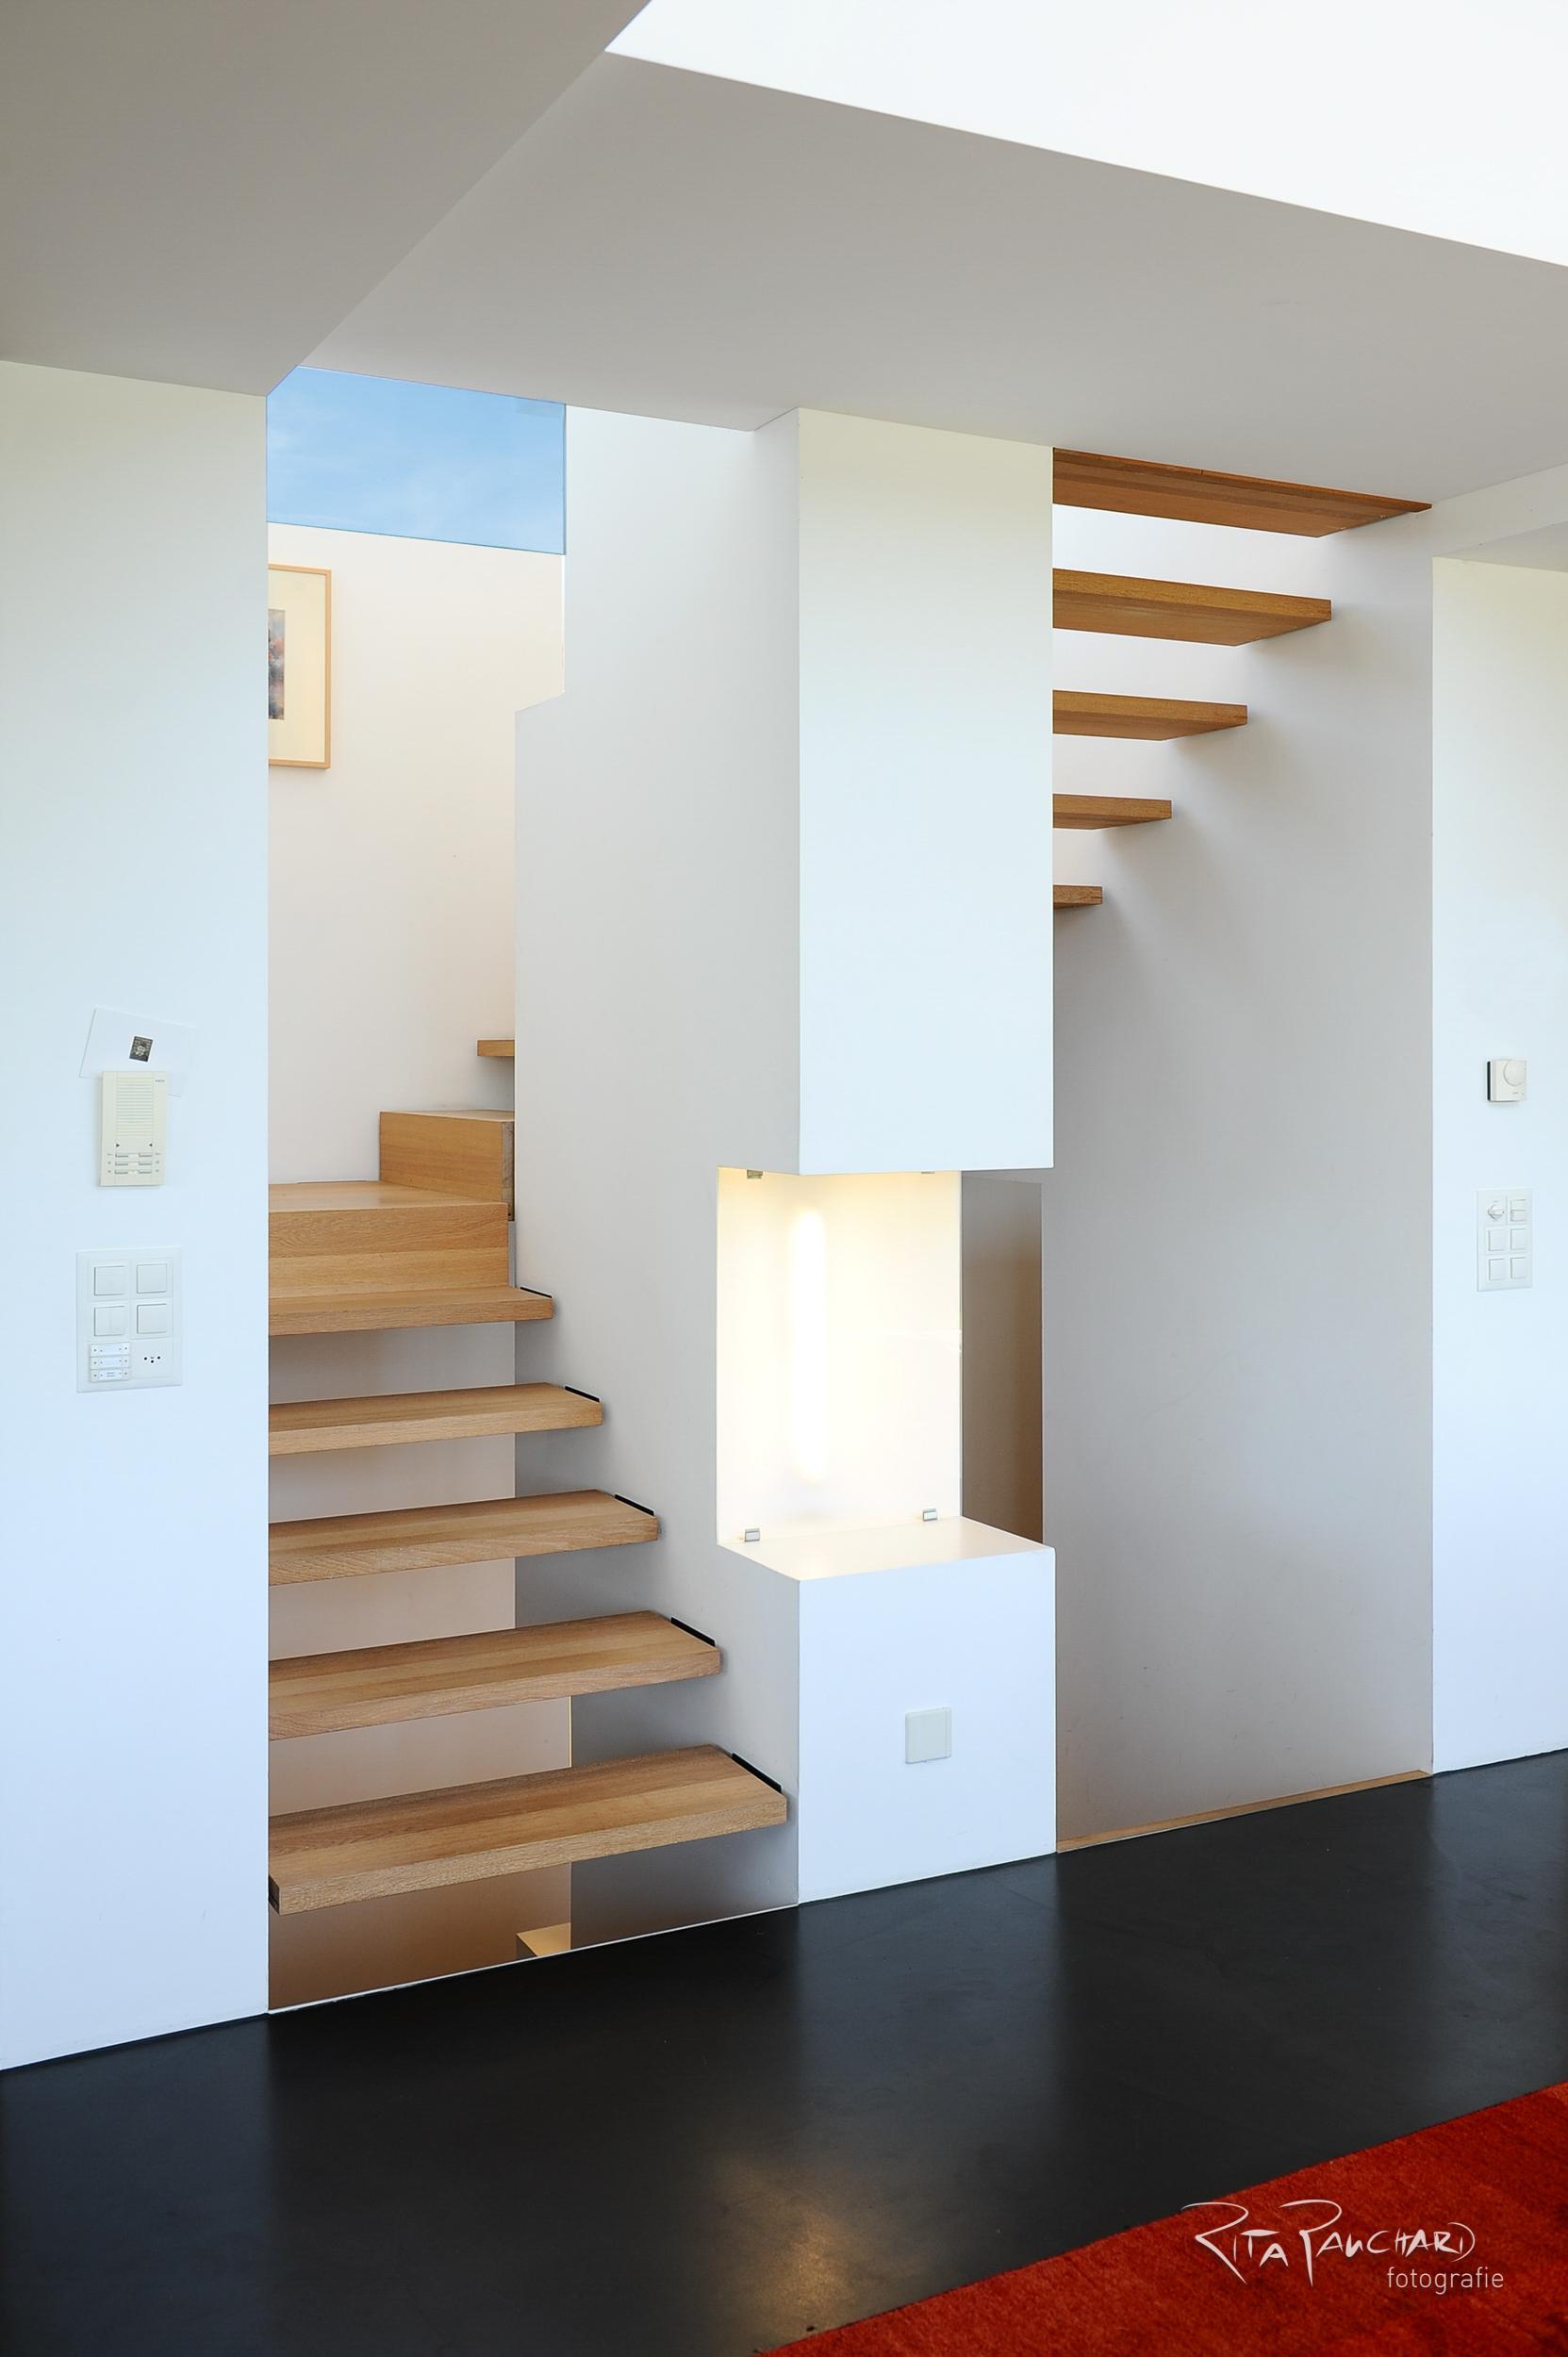 ArchitekturWorkshop201205110018.jpg